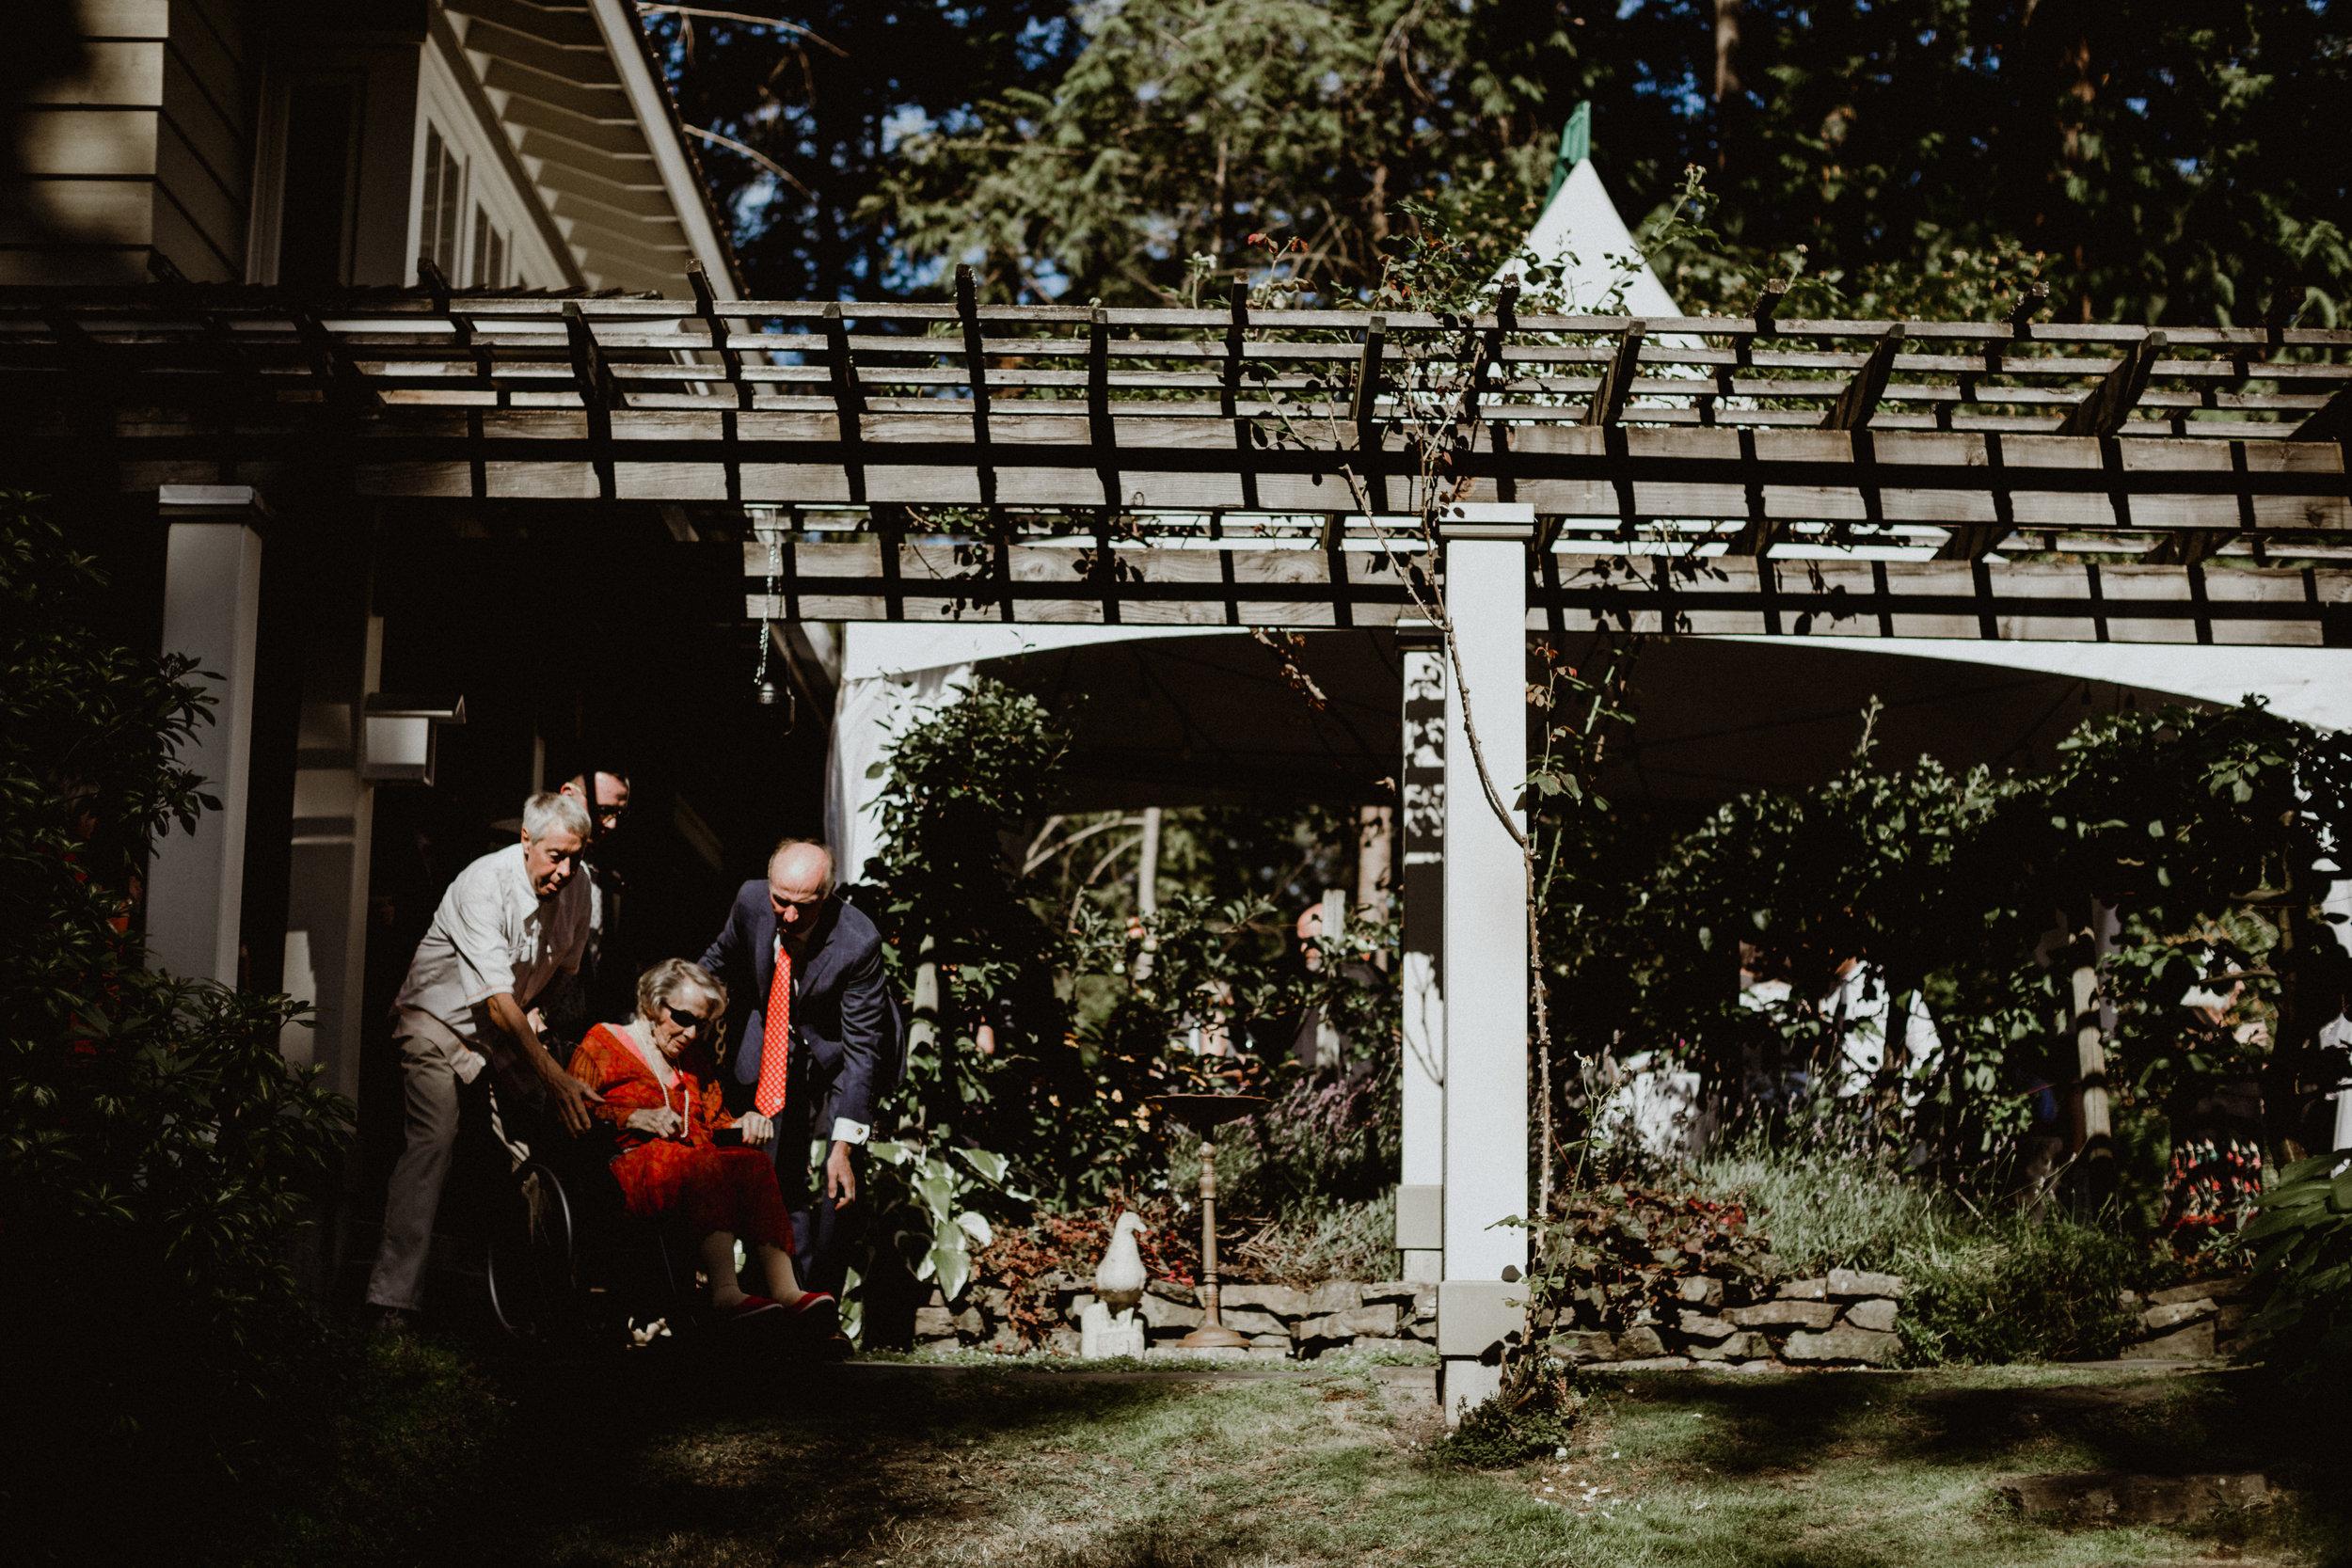 west-vancouver-backyard-wedding-149.jpg